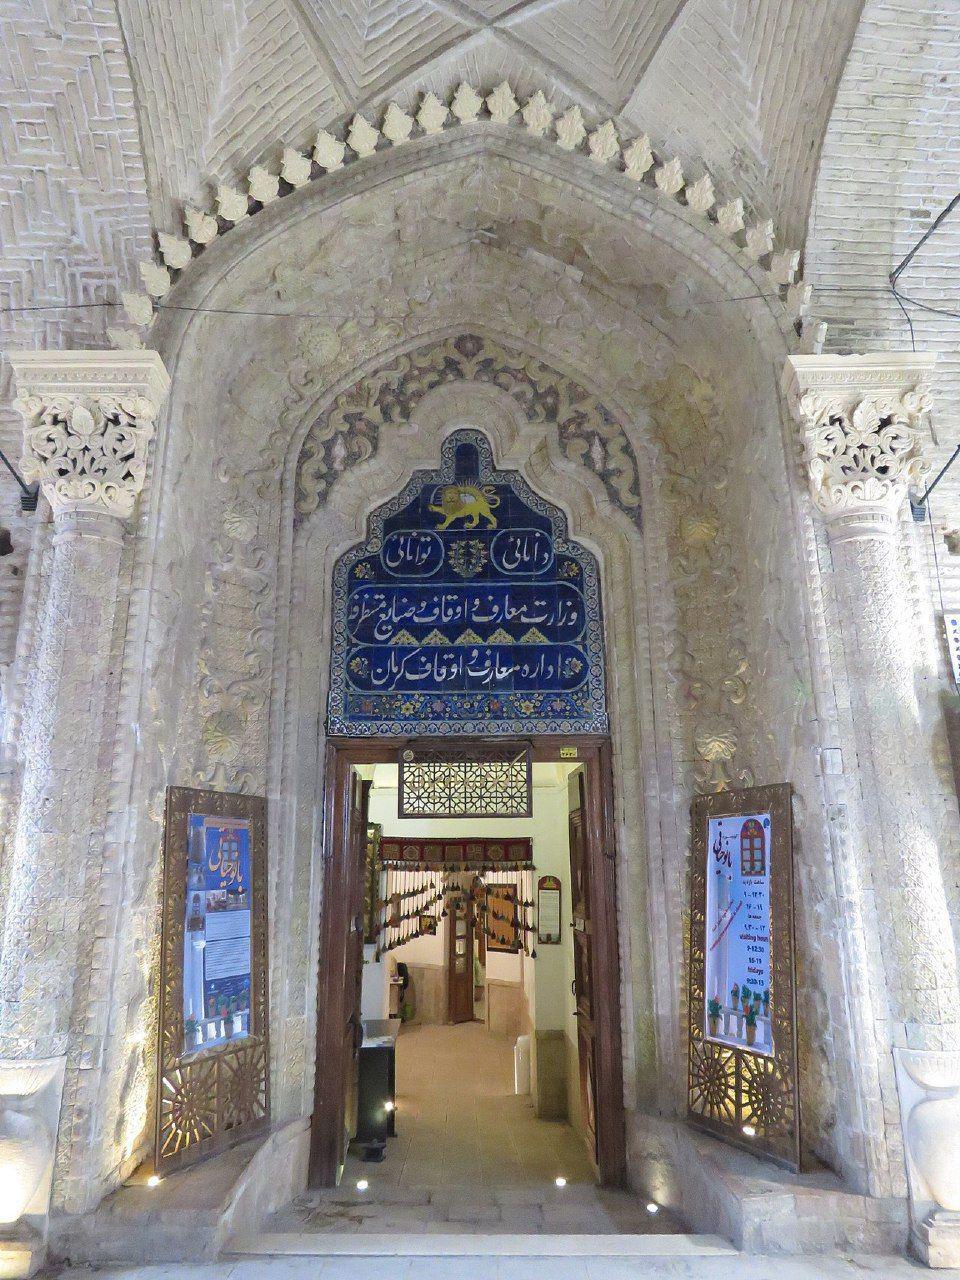 موزه بی بی حیاتی؛ از بانک شاهنشاهی ایران و انگلیس تا امروز